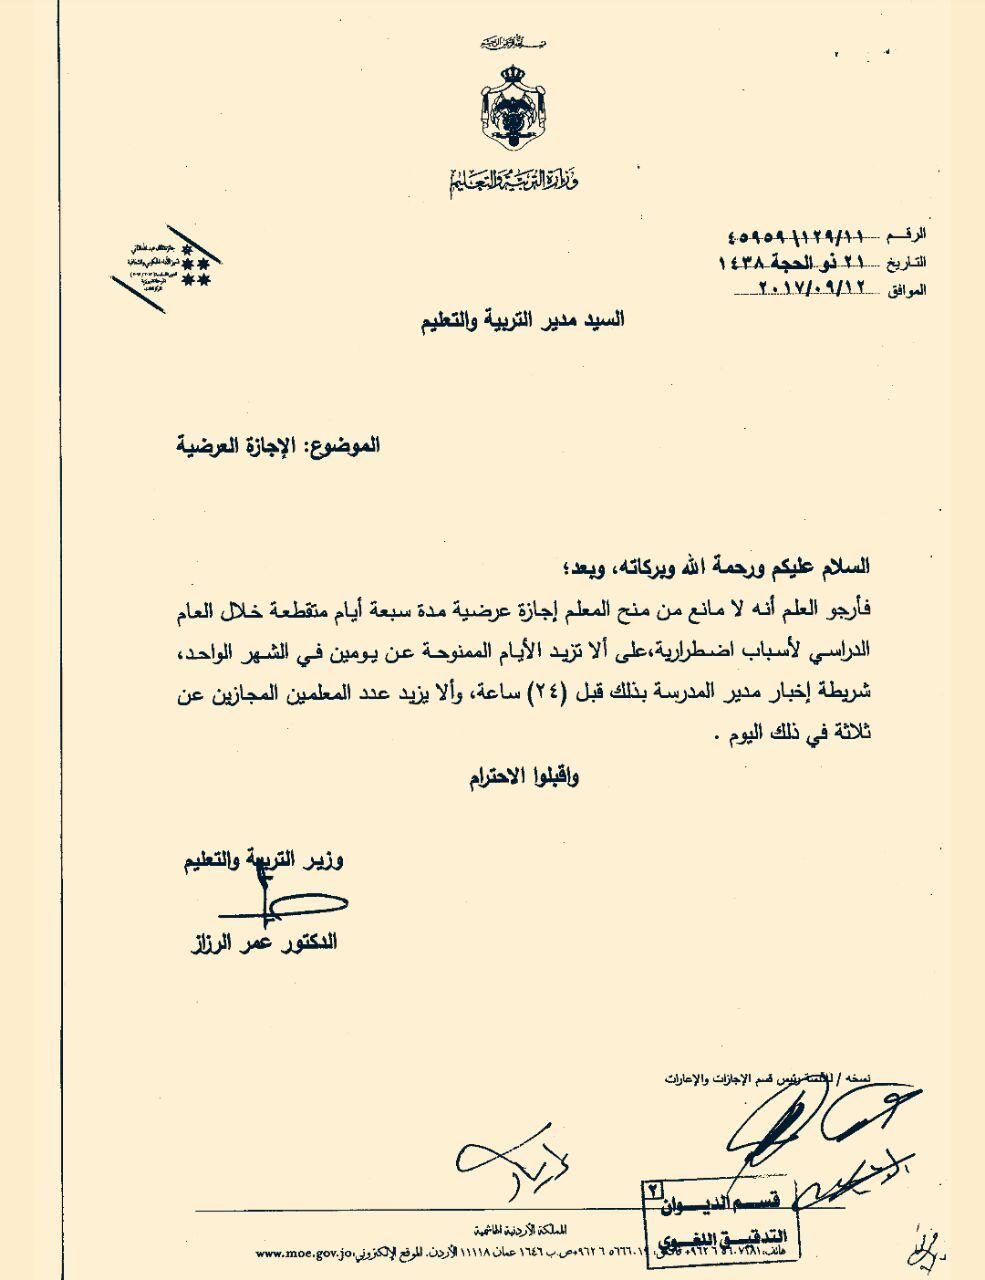 رسميا وزارة التربية والتعليم الاجازة do.php?img=13823